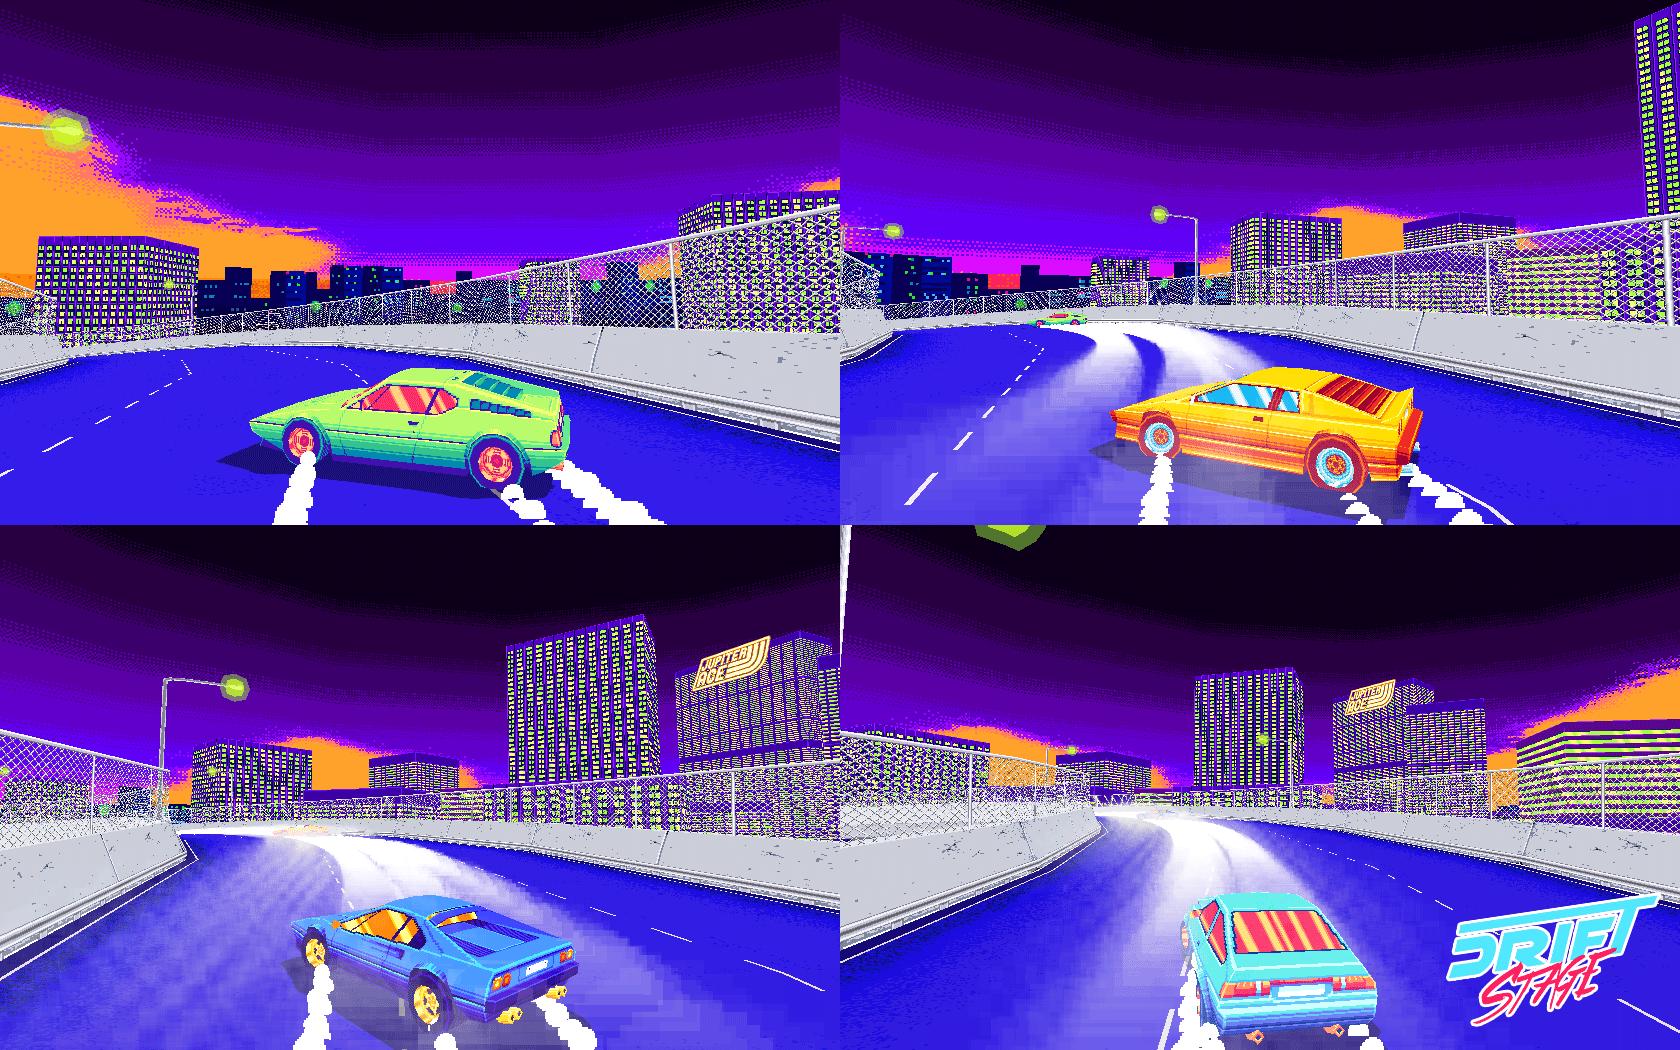 Drift stage 1